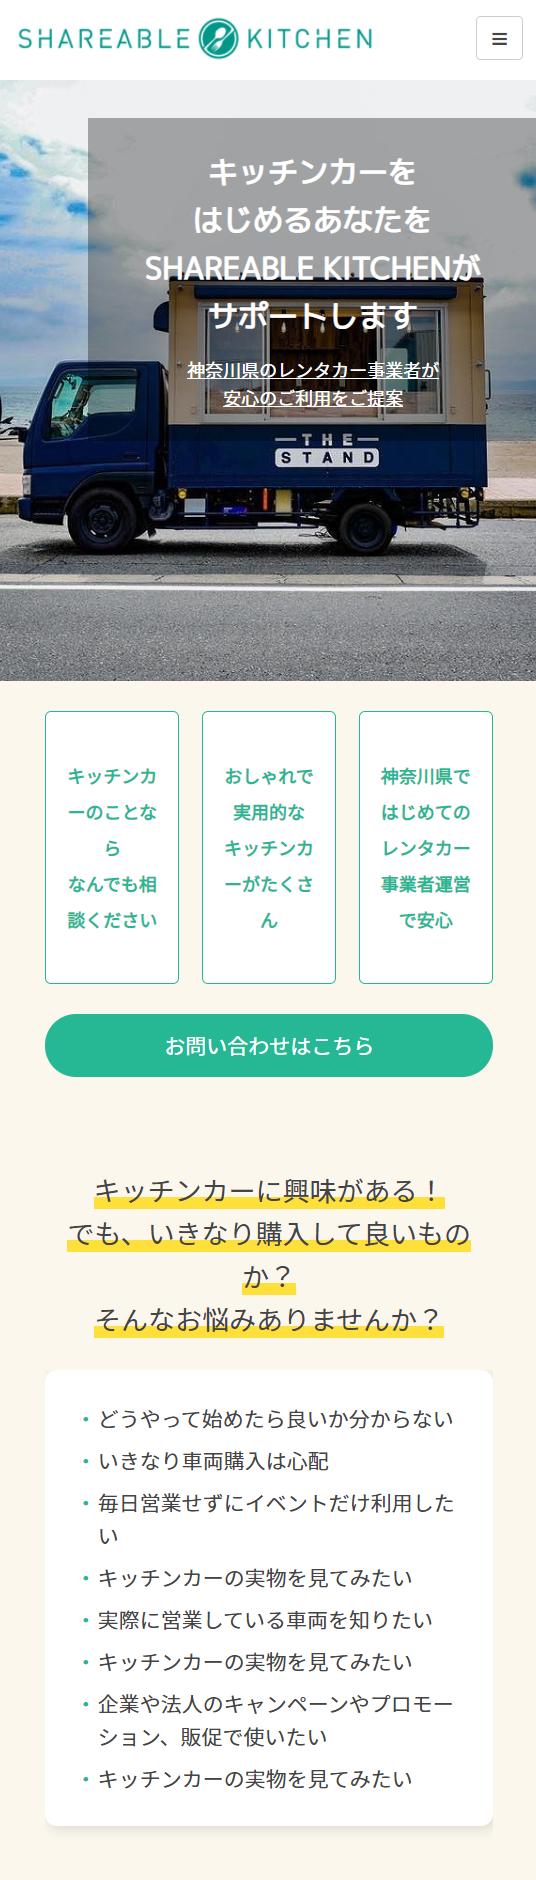 神奈川のキッチンカーなら三浦レンタカーにお任せください!